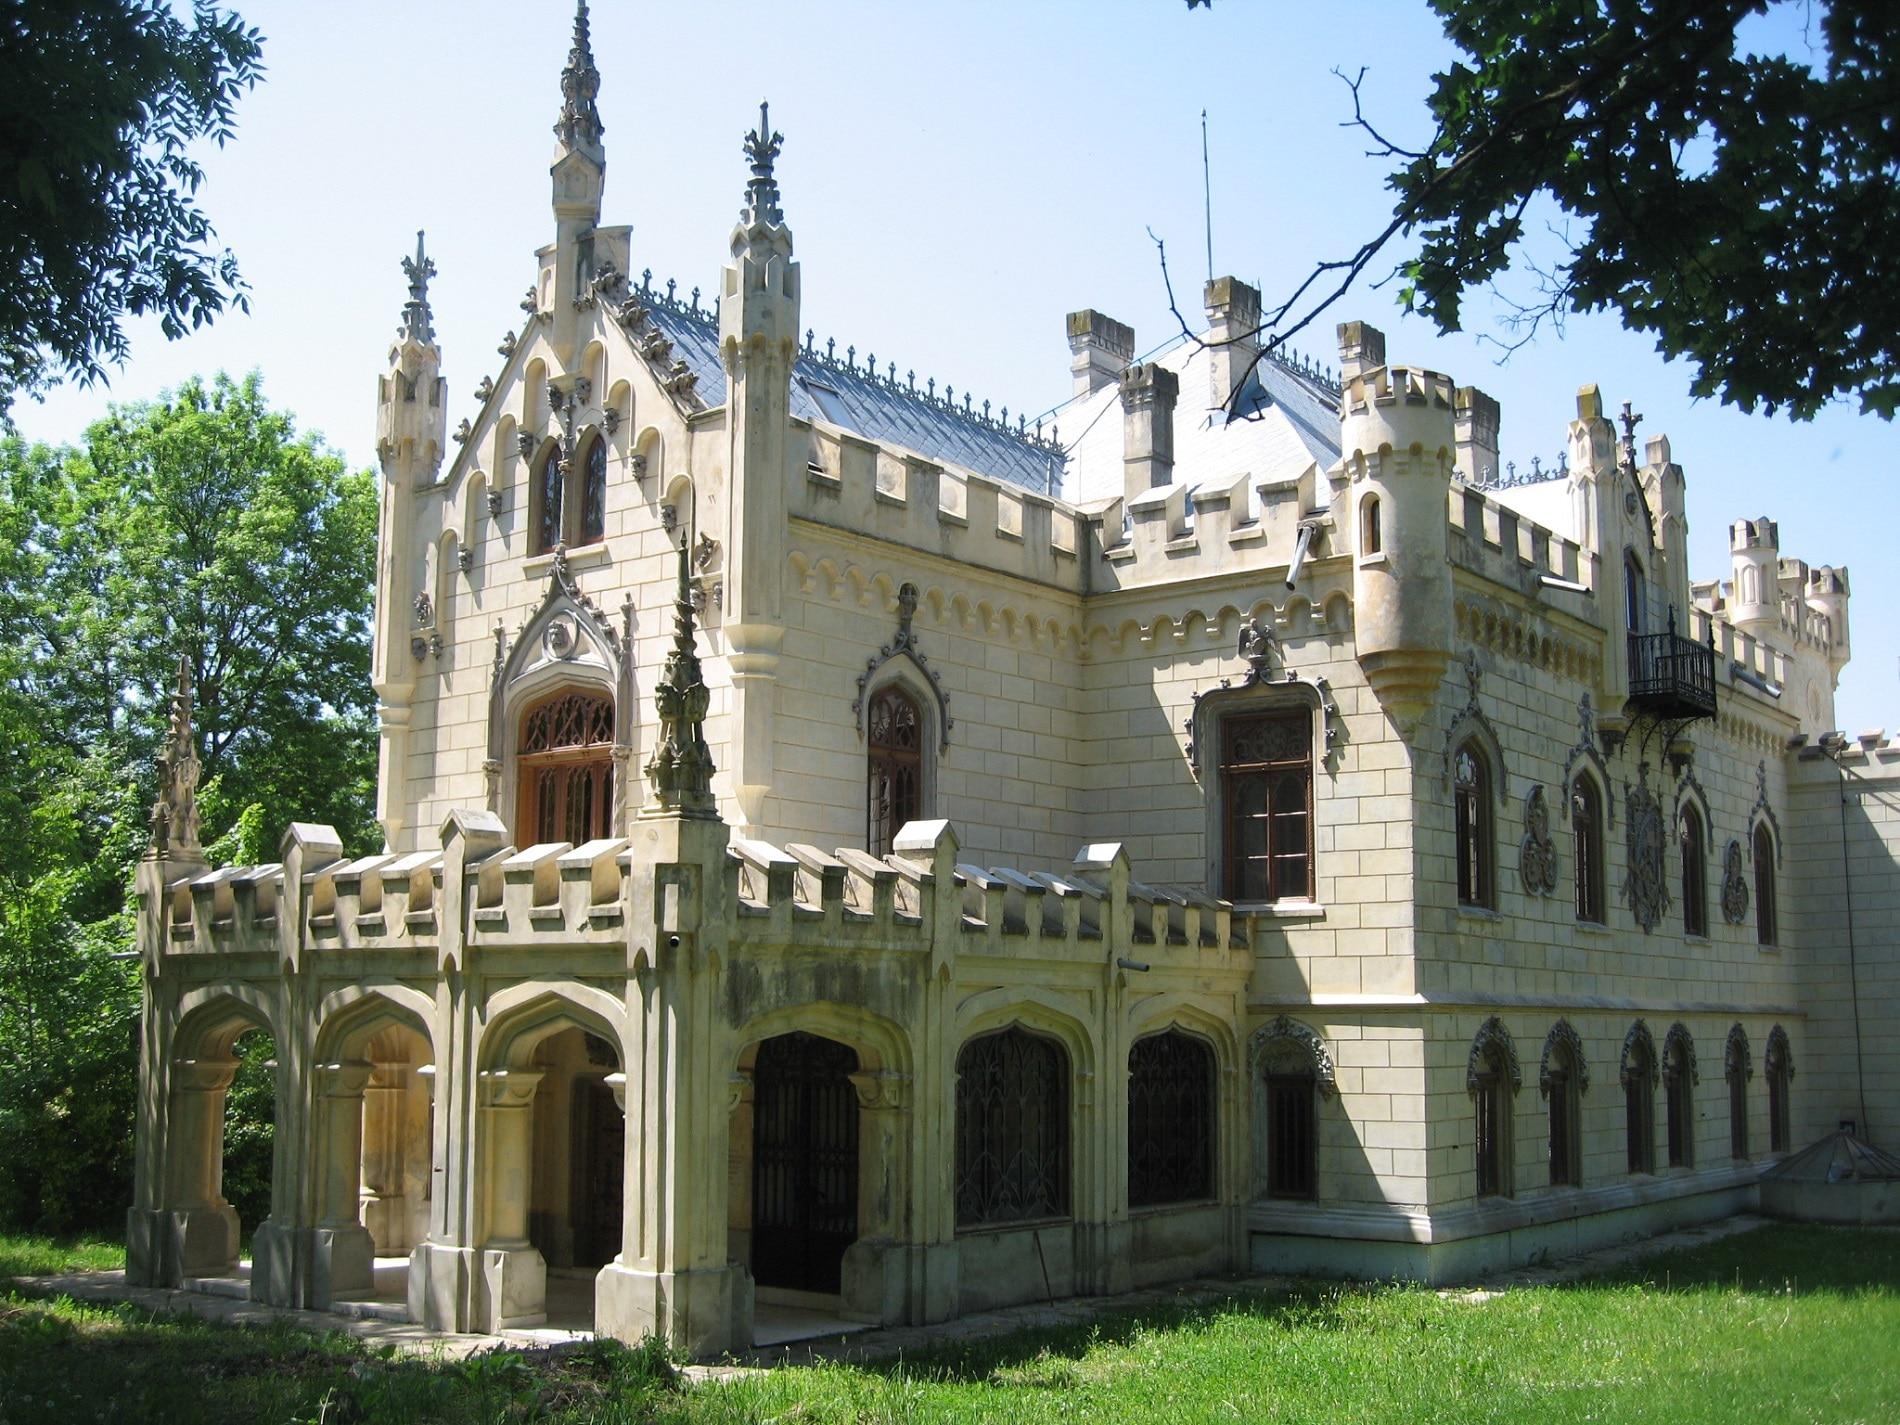 Castelul Sturdza face parte din ansamblul Mănăstirea Miclăușeni